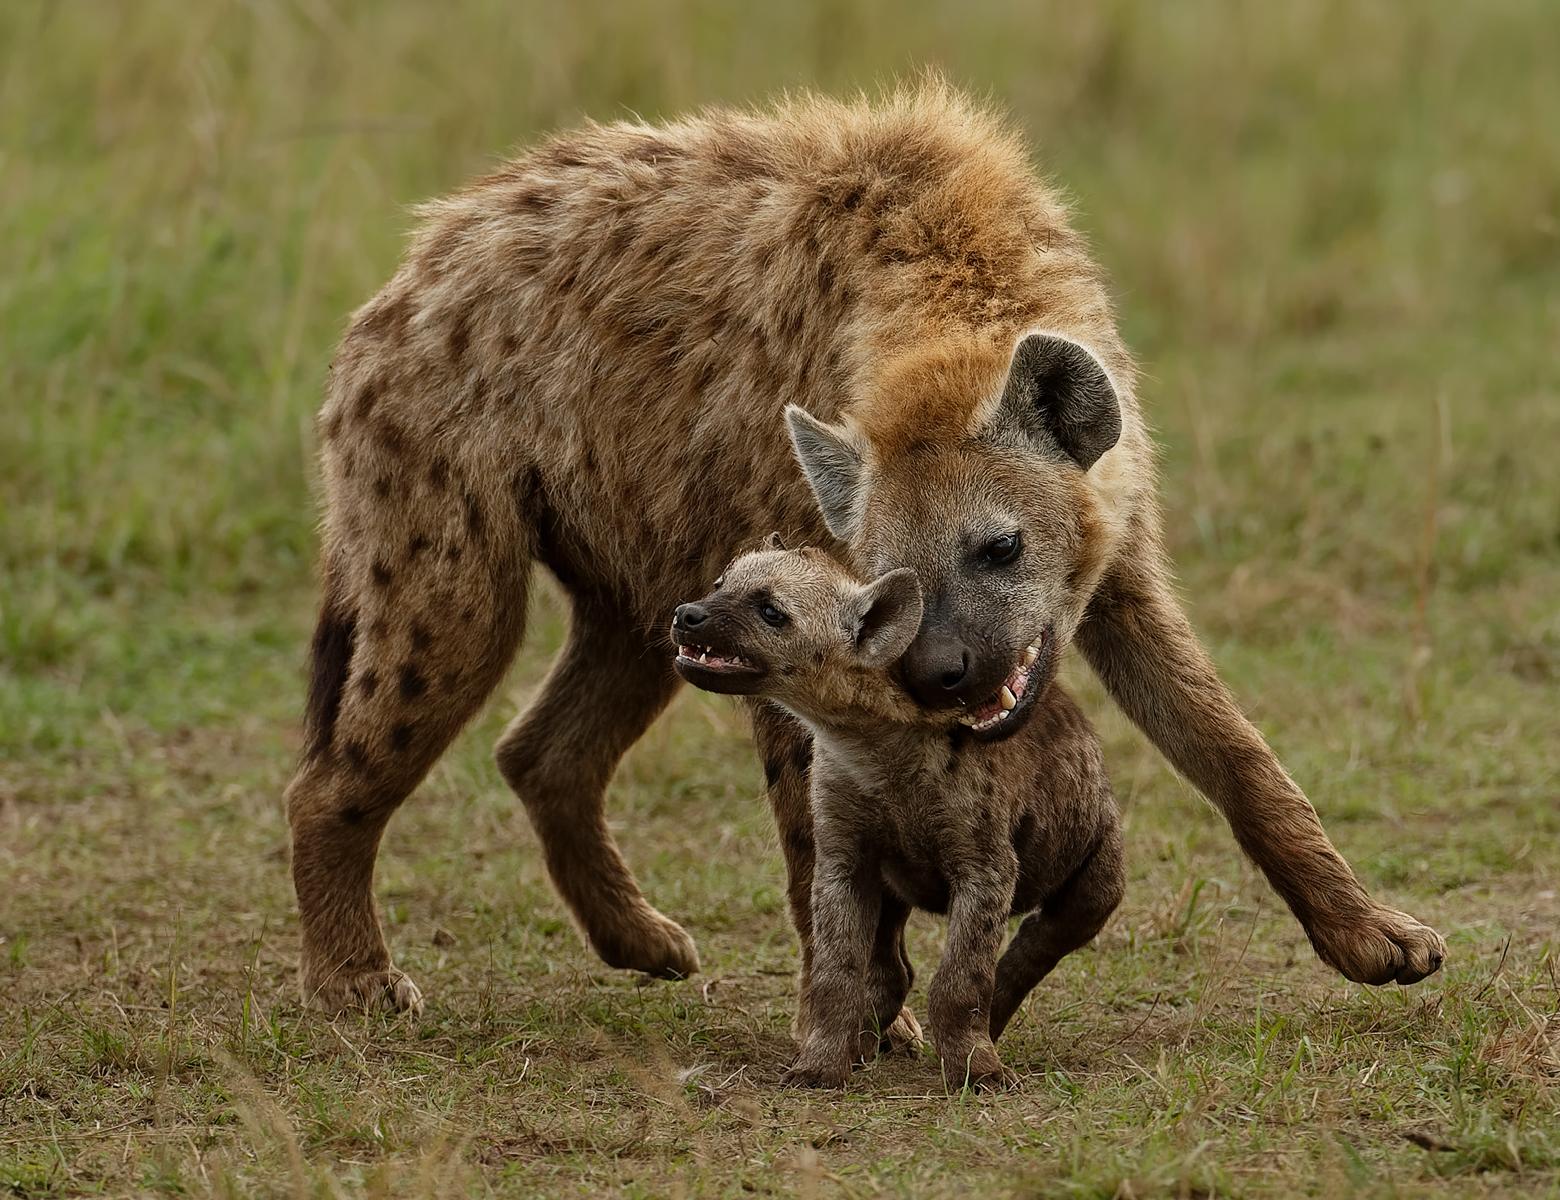 C0755721_Ian Whiston_Hyena Bonding with Cub